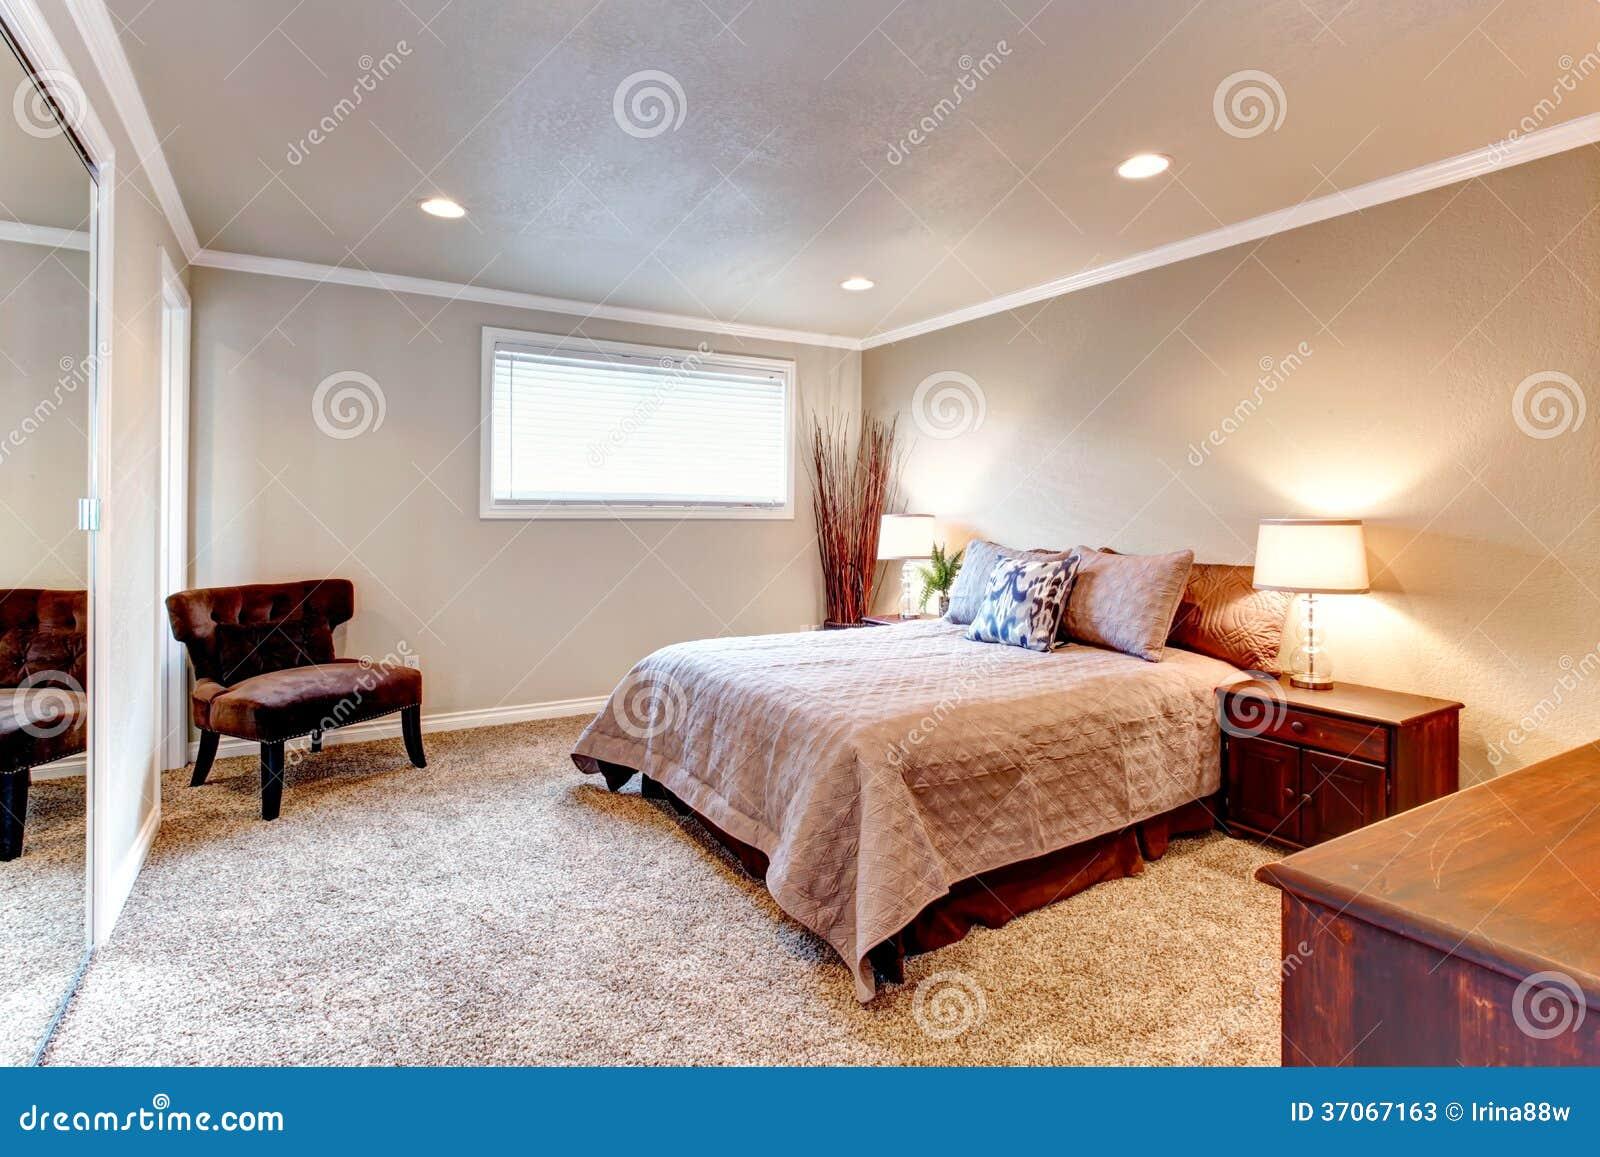 Entzuckend Gemütliches Braun Tont Schlafzimmer Mit Hölzernen Möbeln Und Weichem Teppich